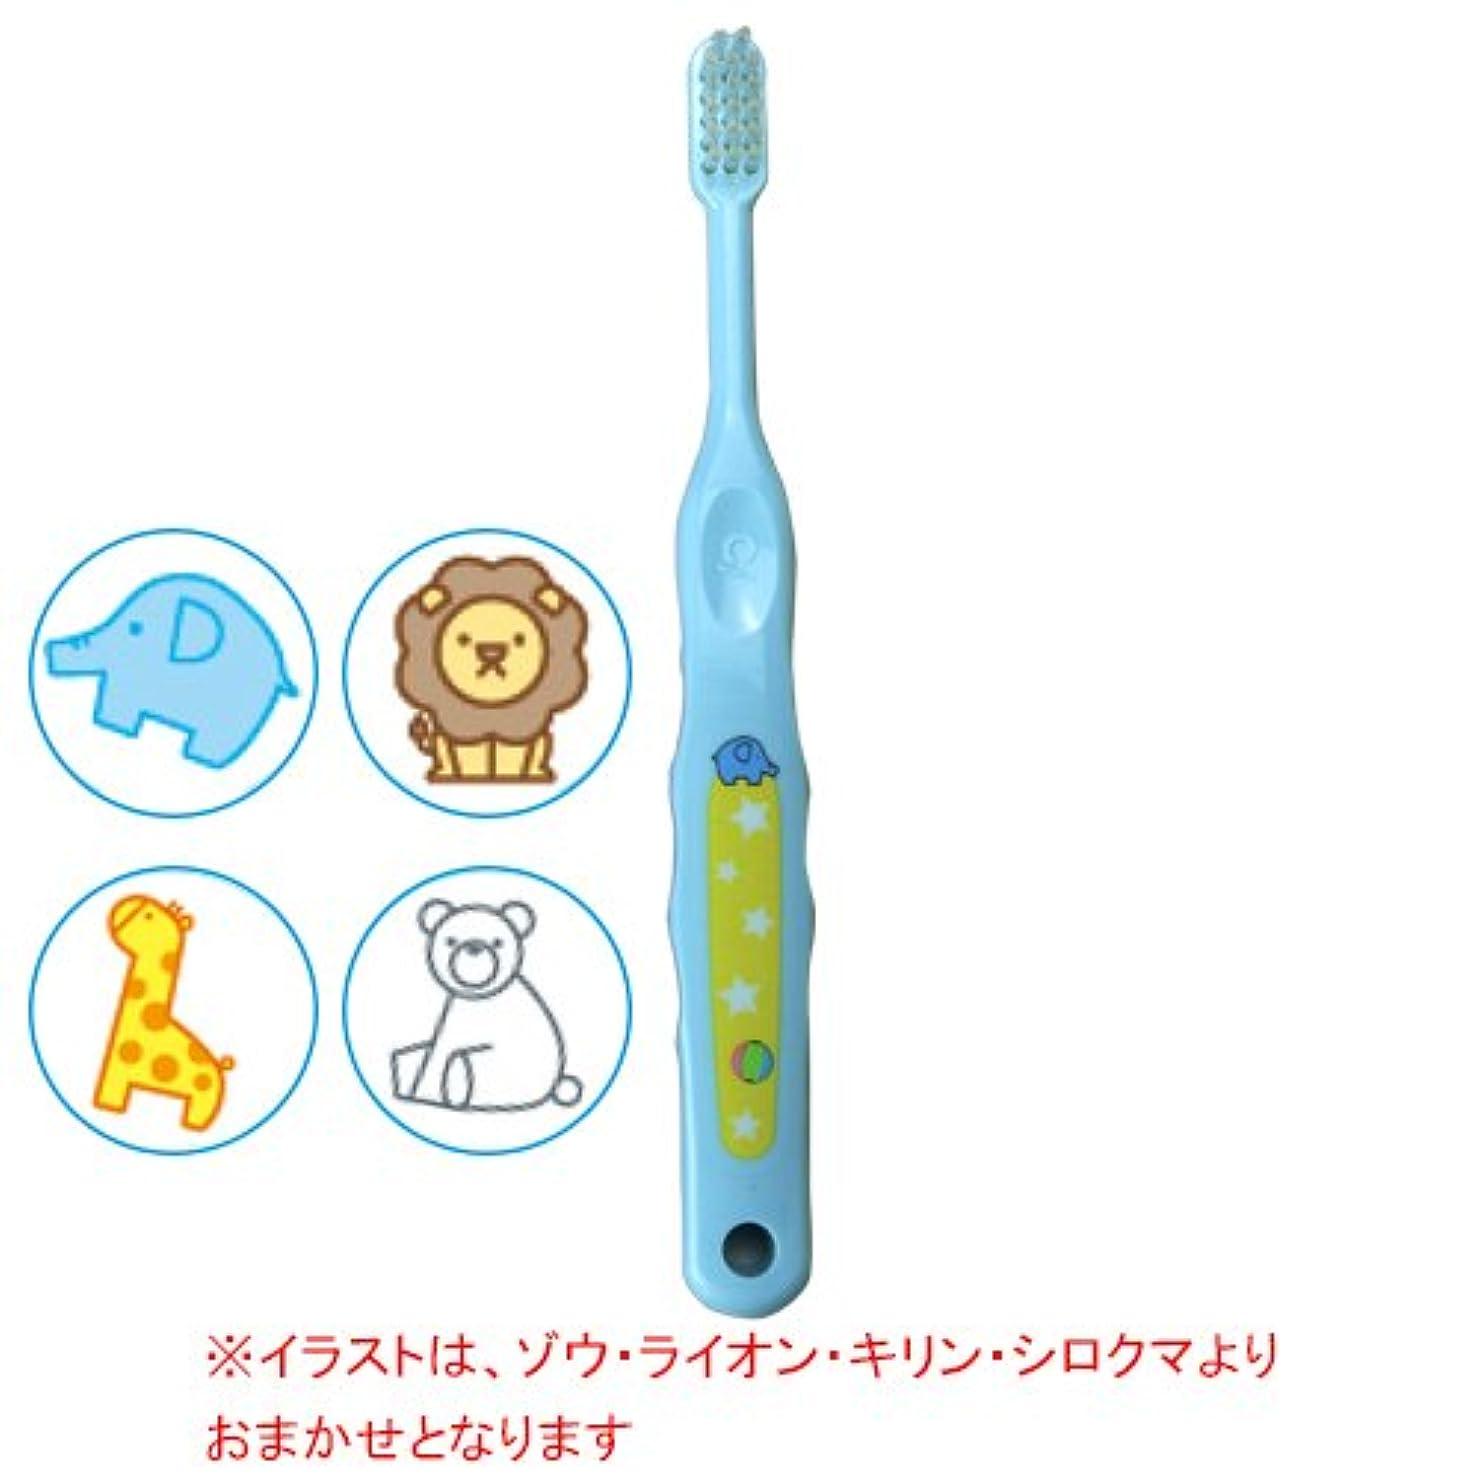 等しい拡散する大惨事Ciメディカル Ci なまえ歯ブラシ 503 (やわらかめ) (乳児から小学生向)1本 (ブルー)